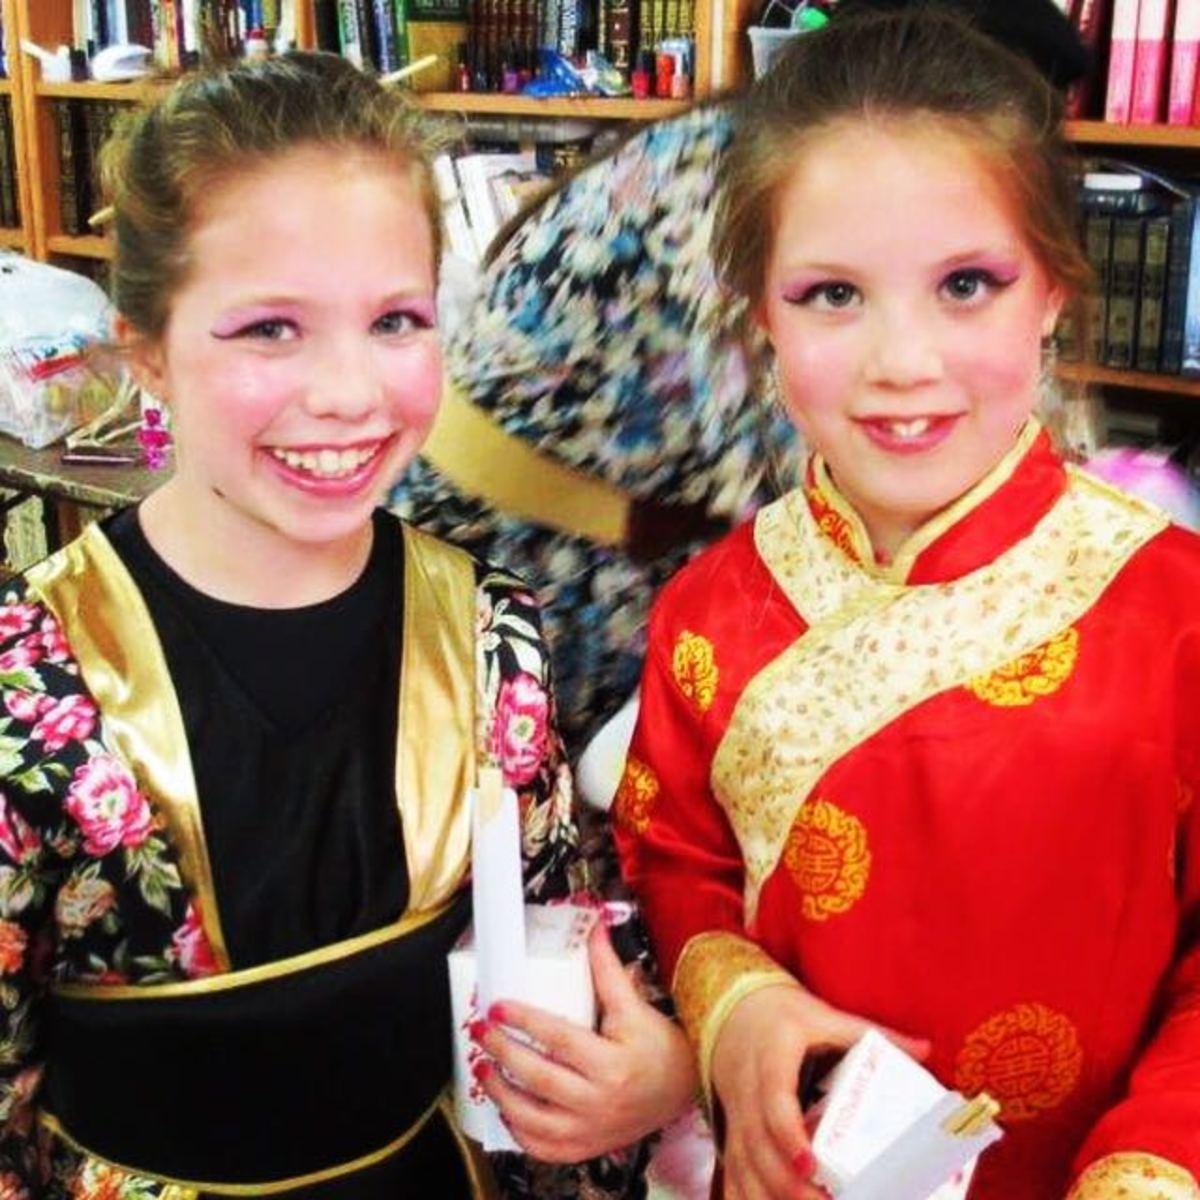 OLDER GIRLS ASIAN COSTUME